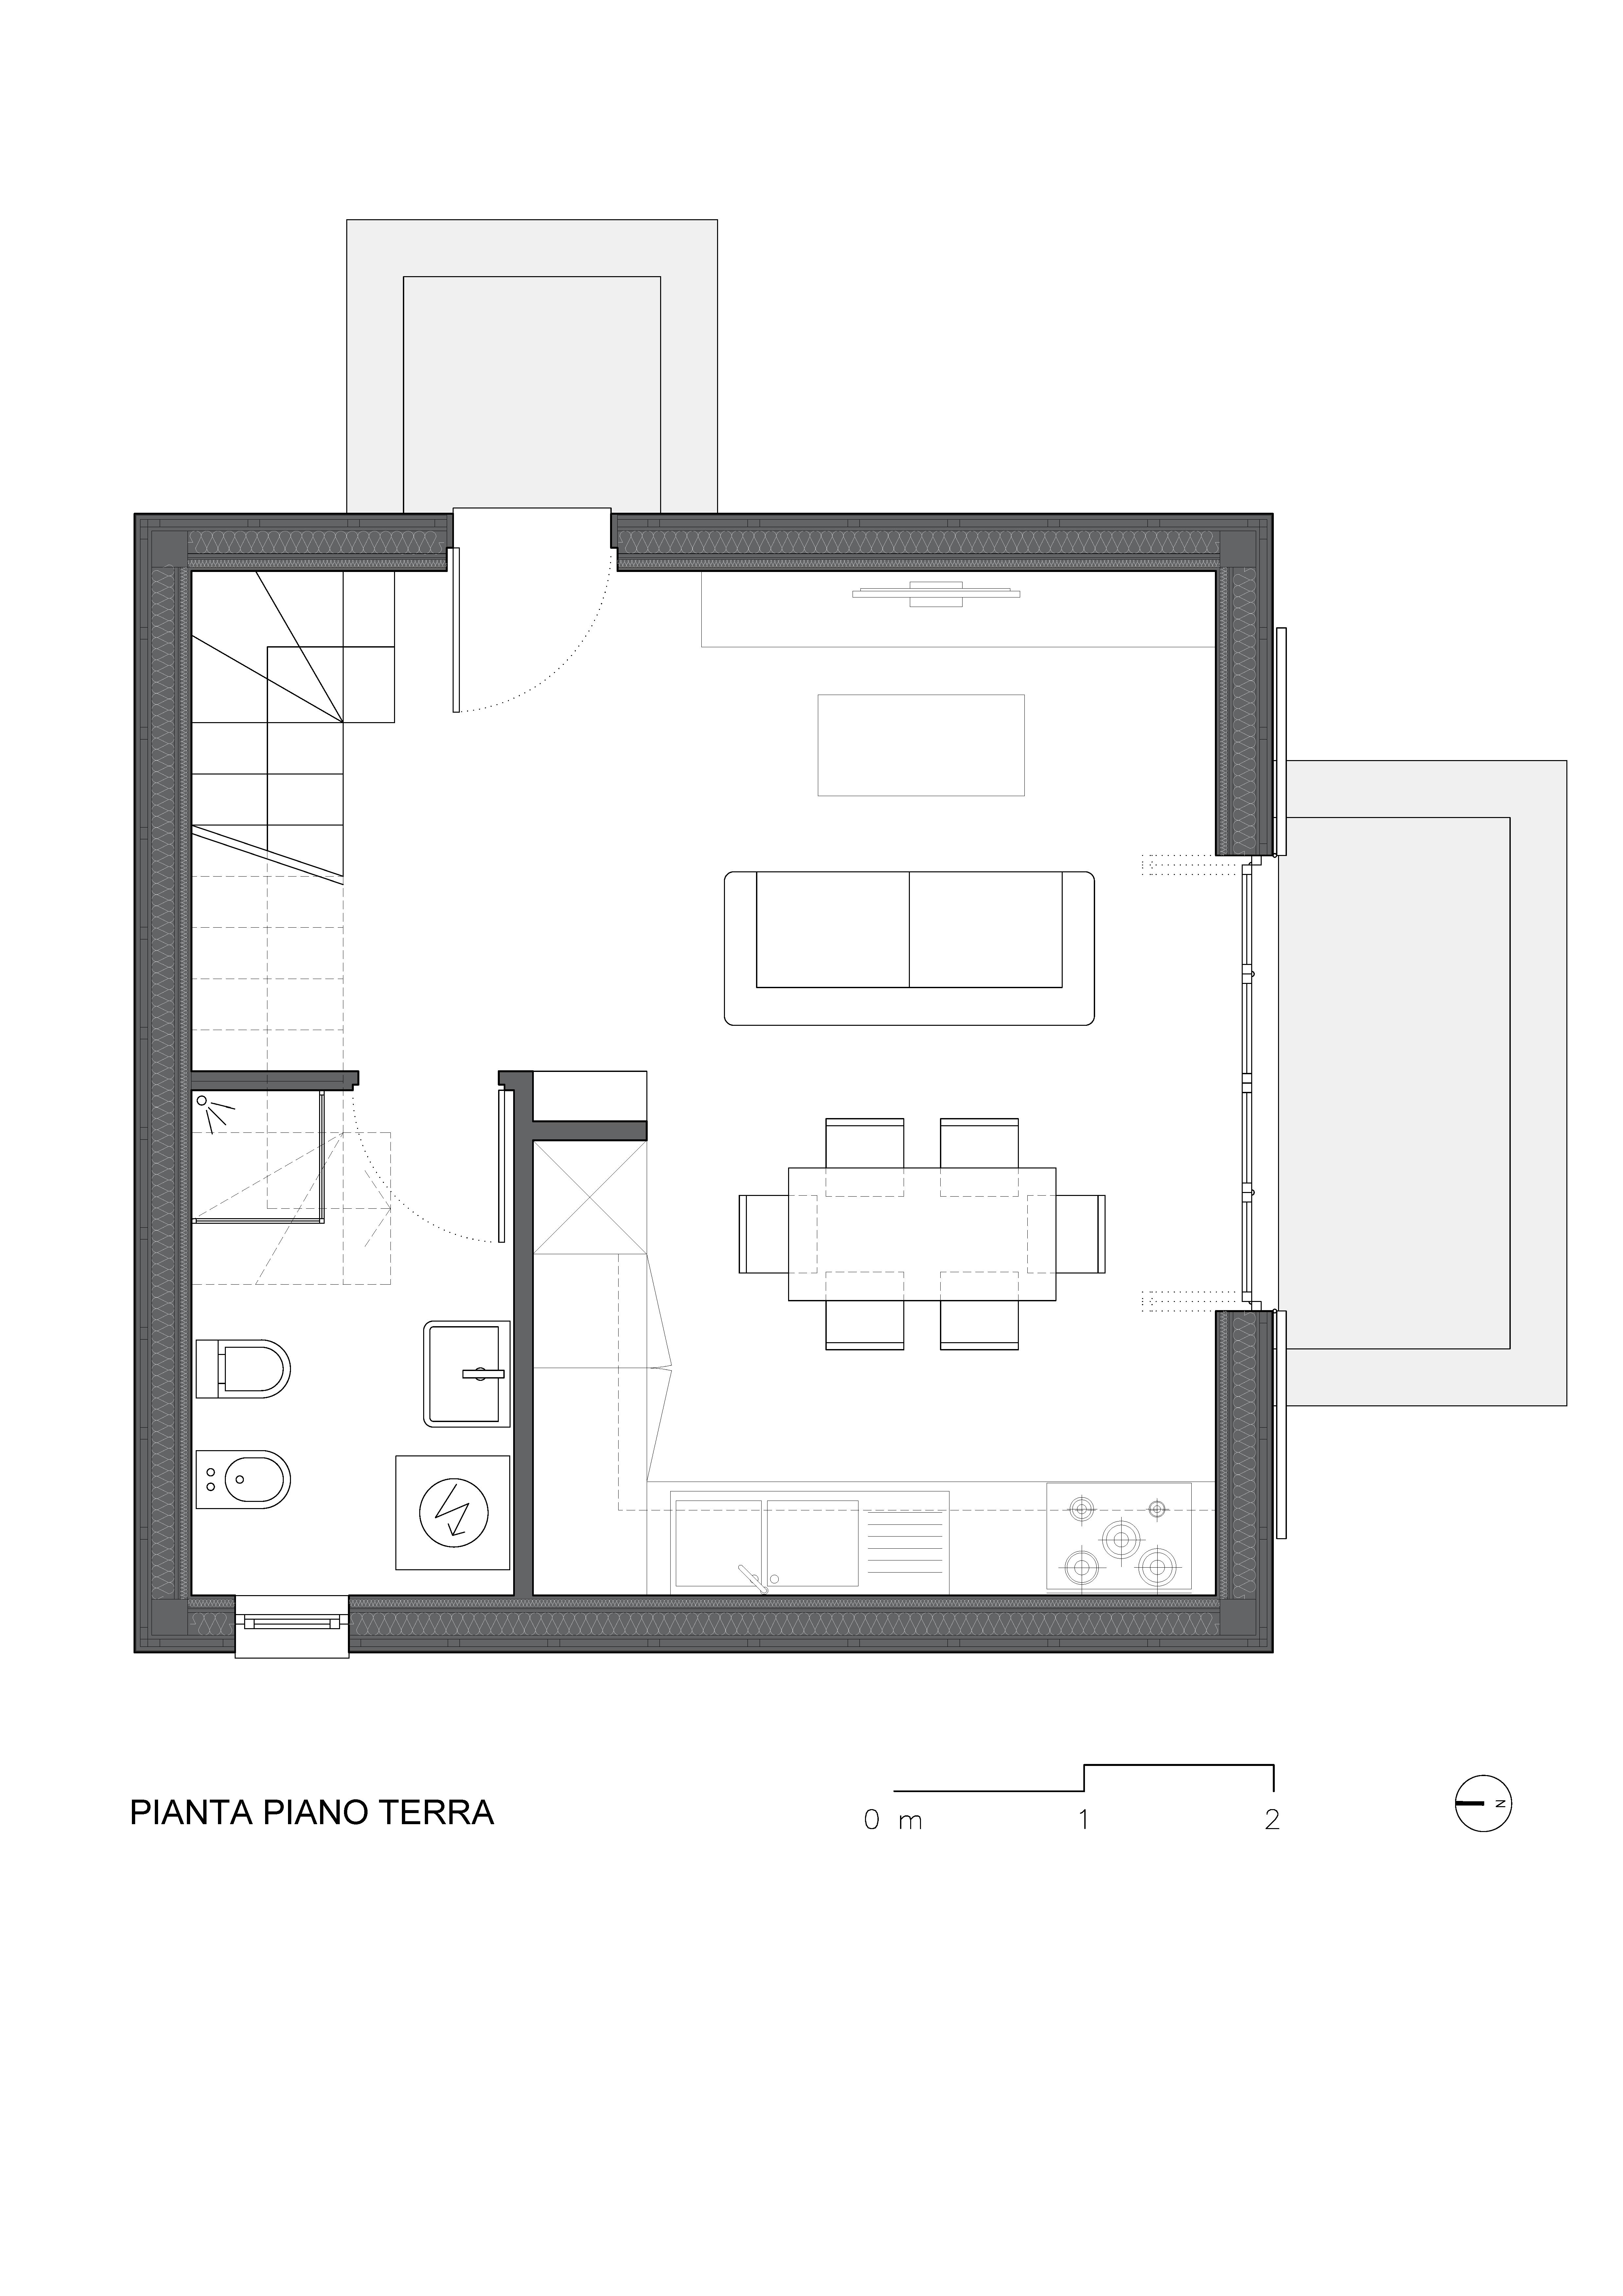 02_CASA-CUBO-PIANTA PT